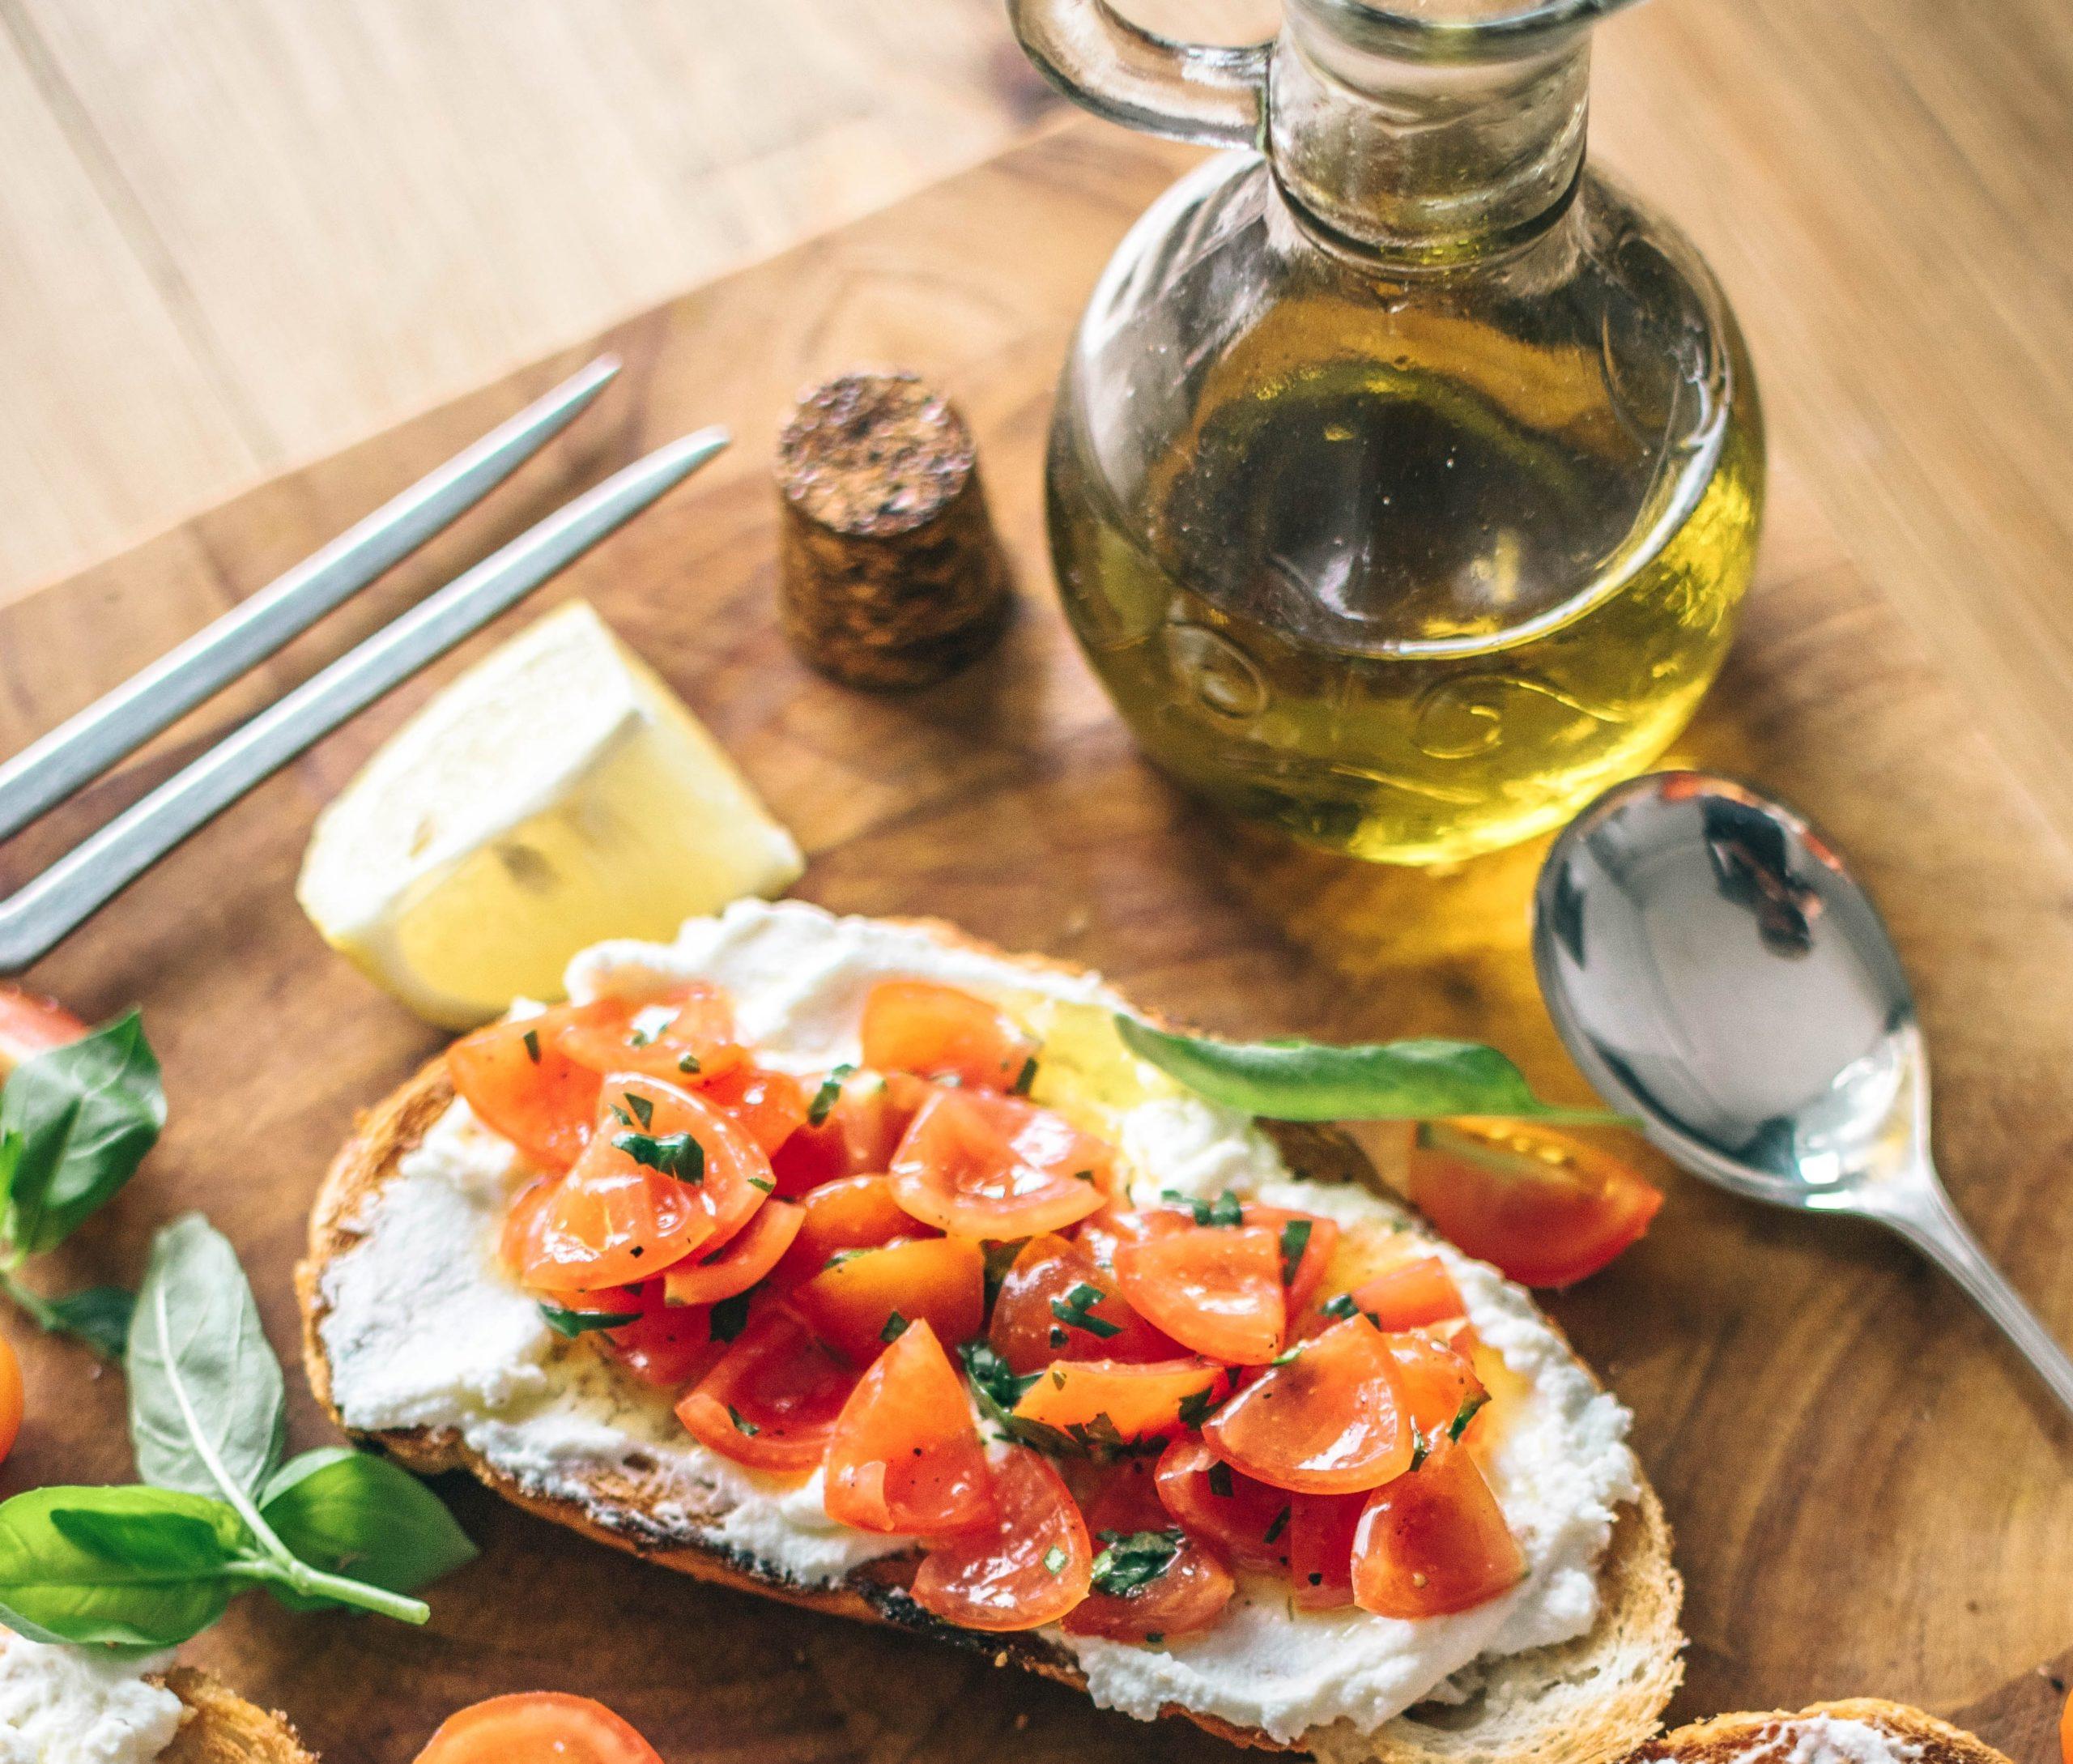 Il food italiano conquista la Russia: boom di vendite post Covid-19